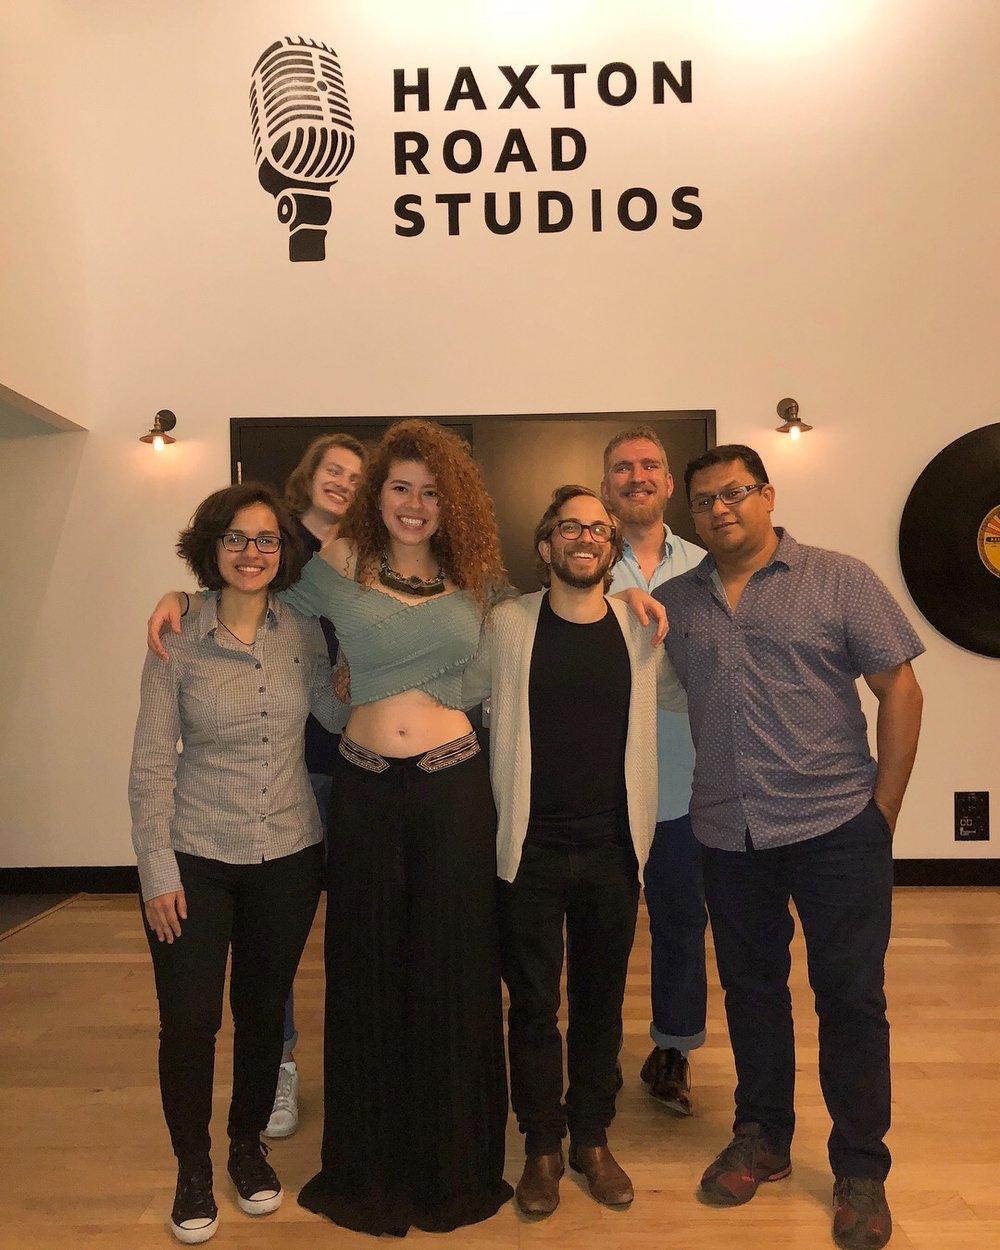 Flor Zuloaga, Jacob Skinner, Lesly Reynaga, Jake Hertzog, Ashton Perkins, Fernando Valencia